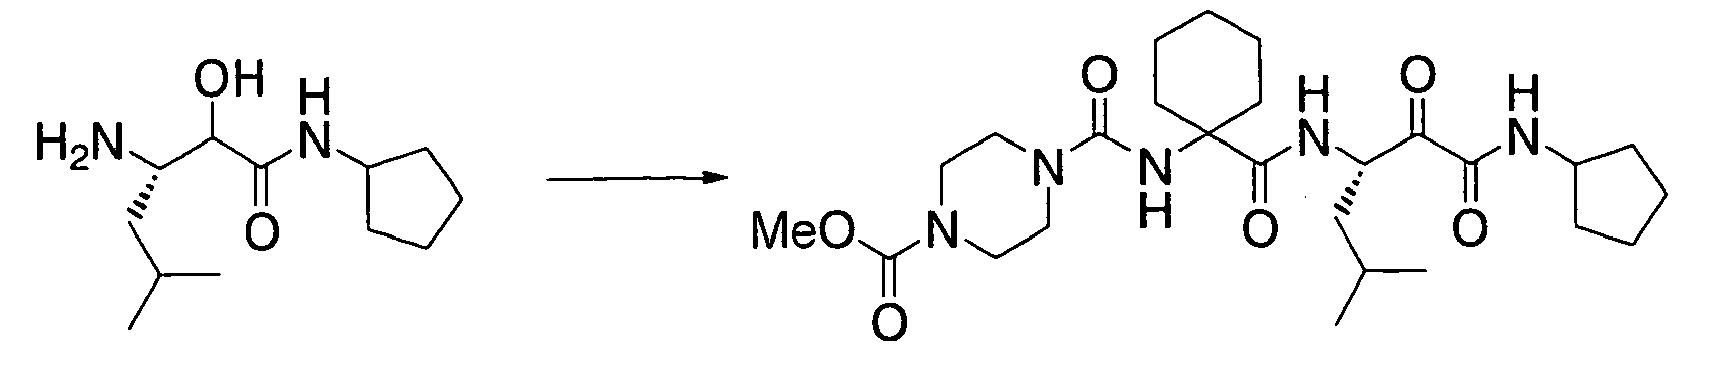 n methylhexanamide